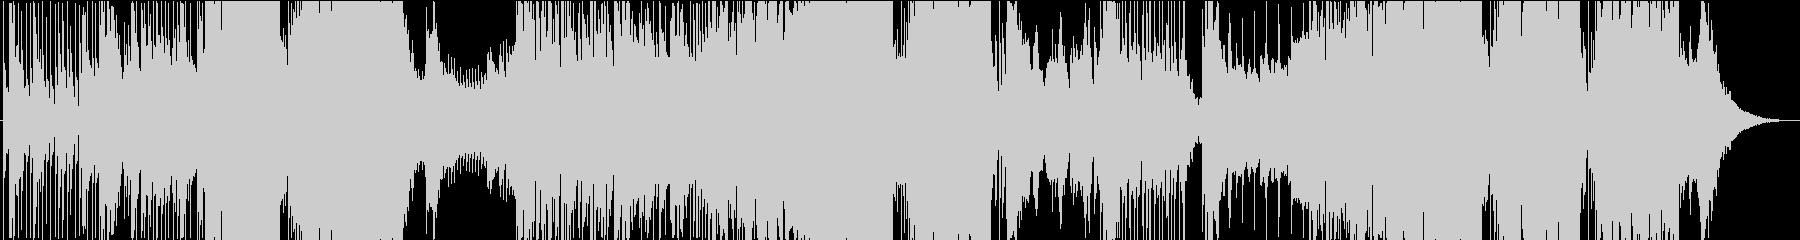 映像用静かなピアノのFutureBassの未再生の波形